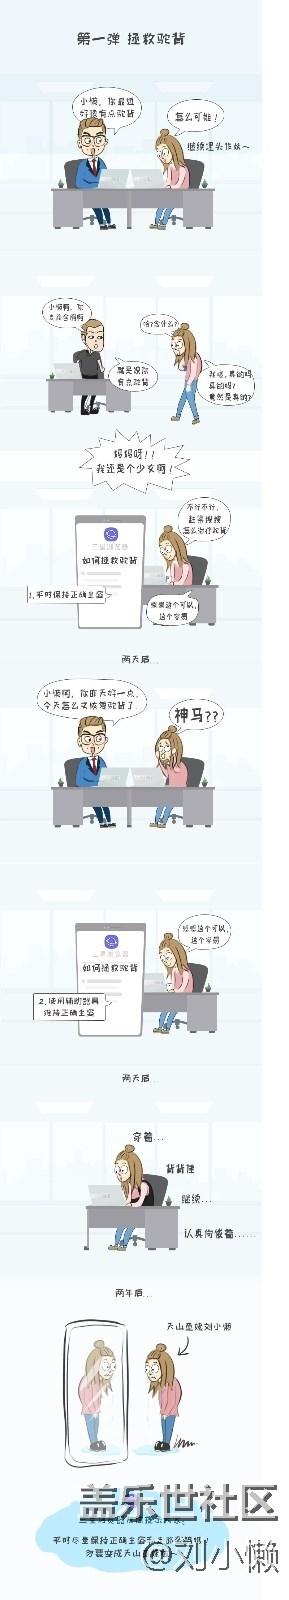 【刘小懒漫画系列】第一弹: 拯救驼背